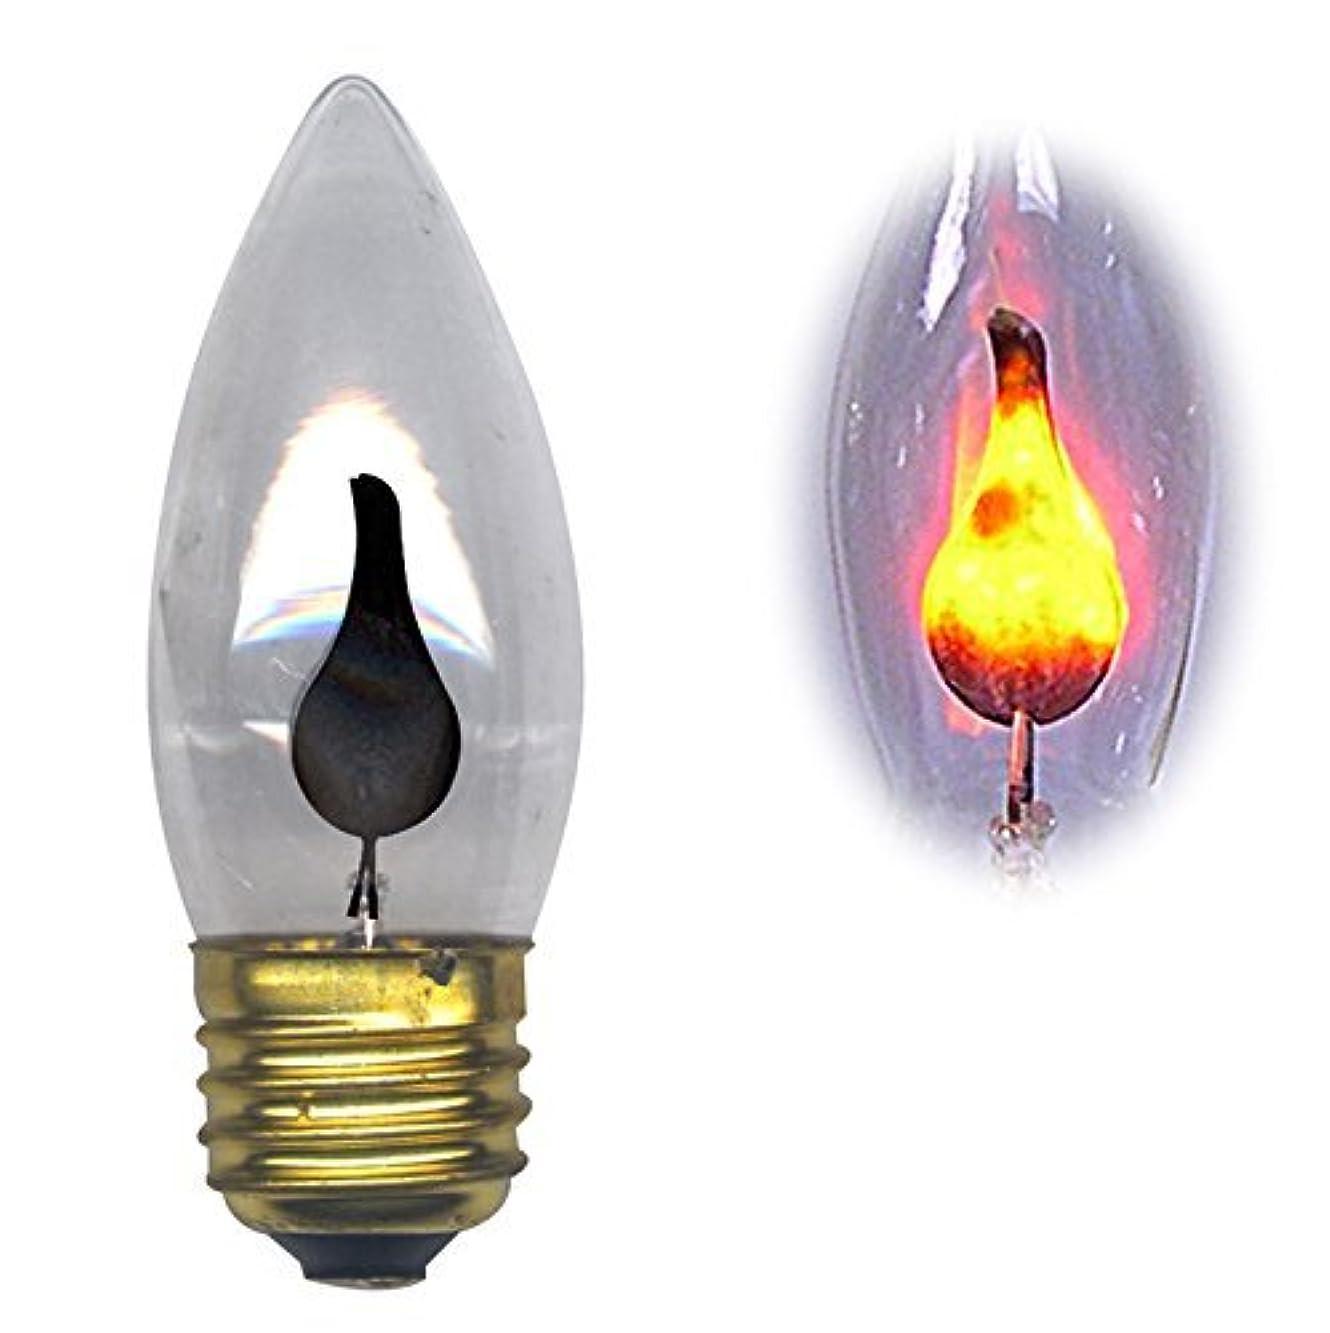 ピアノ道を作る八Flicker Flame 3ワット標準ベース電球Flickers with anオレンジグロー( Pkg / 10 )